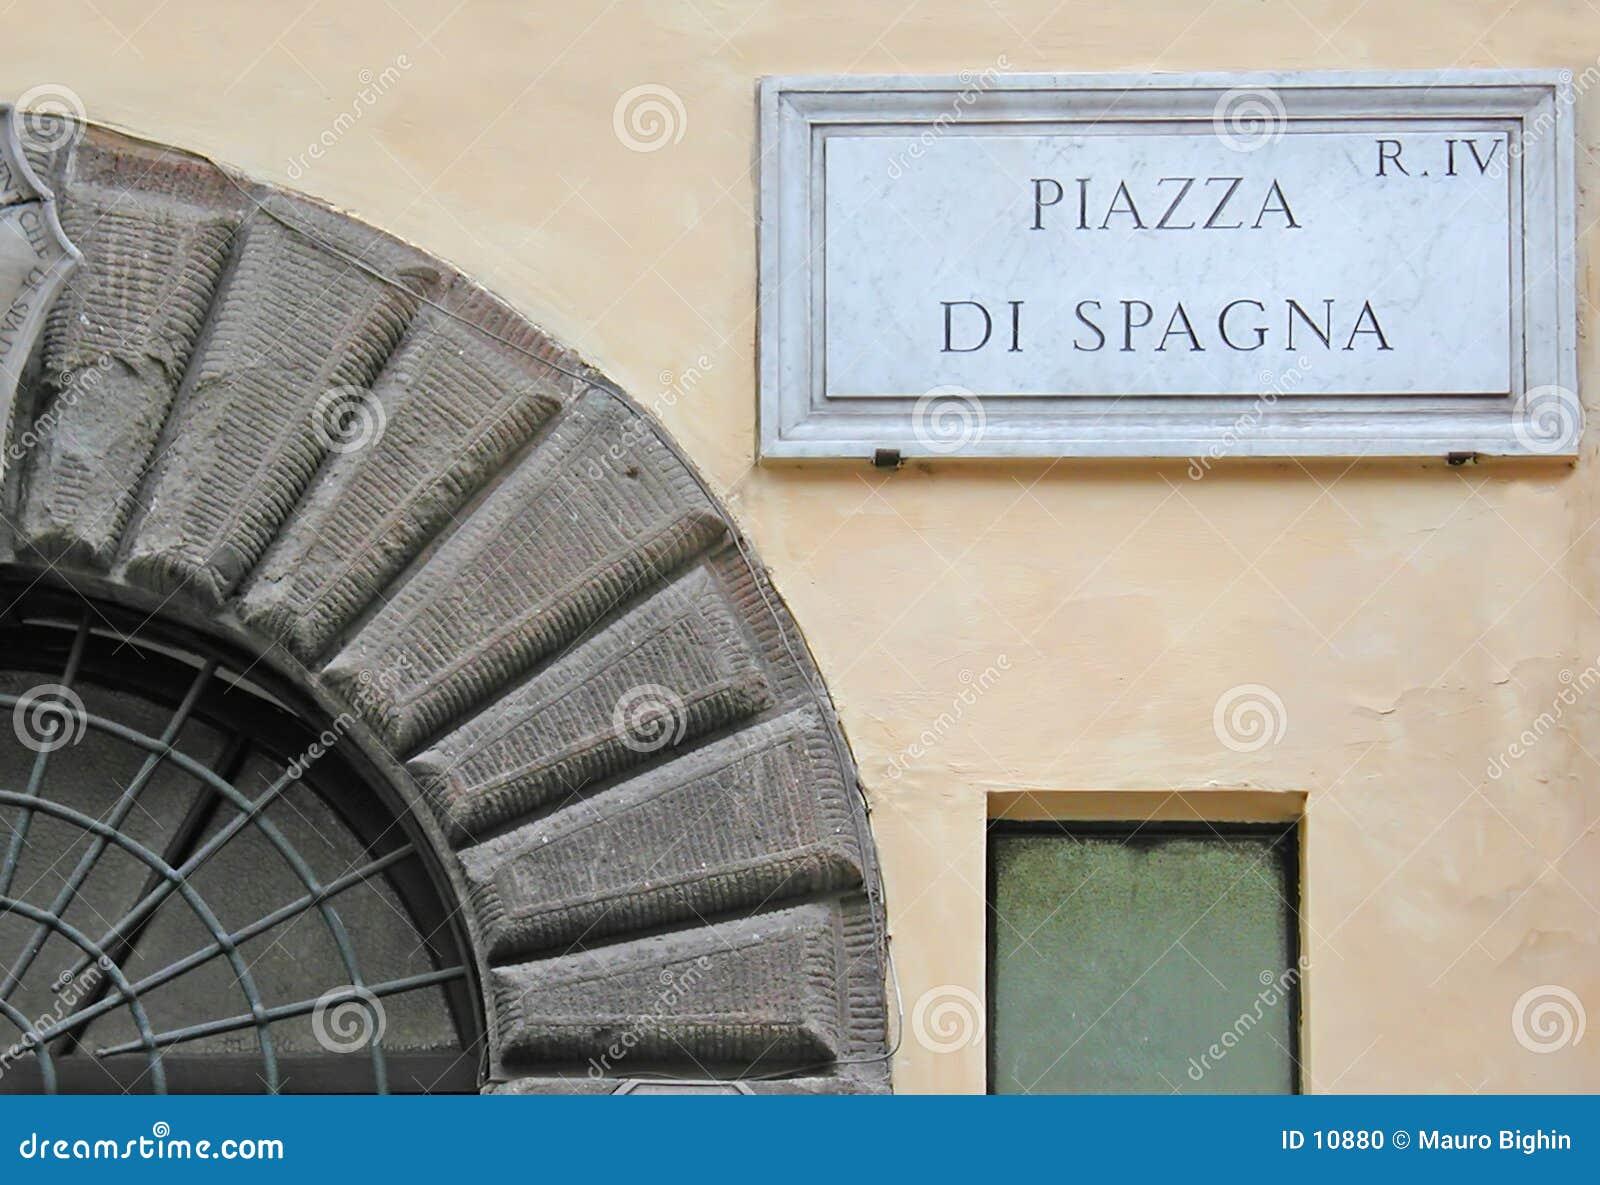 För rome för diitaly piazza spagna tecken